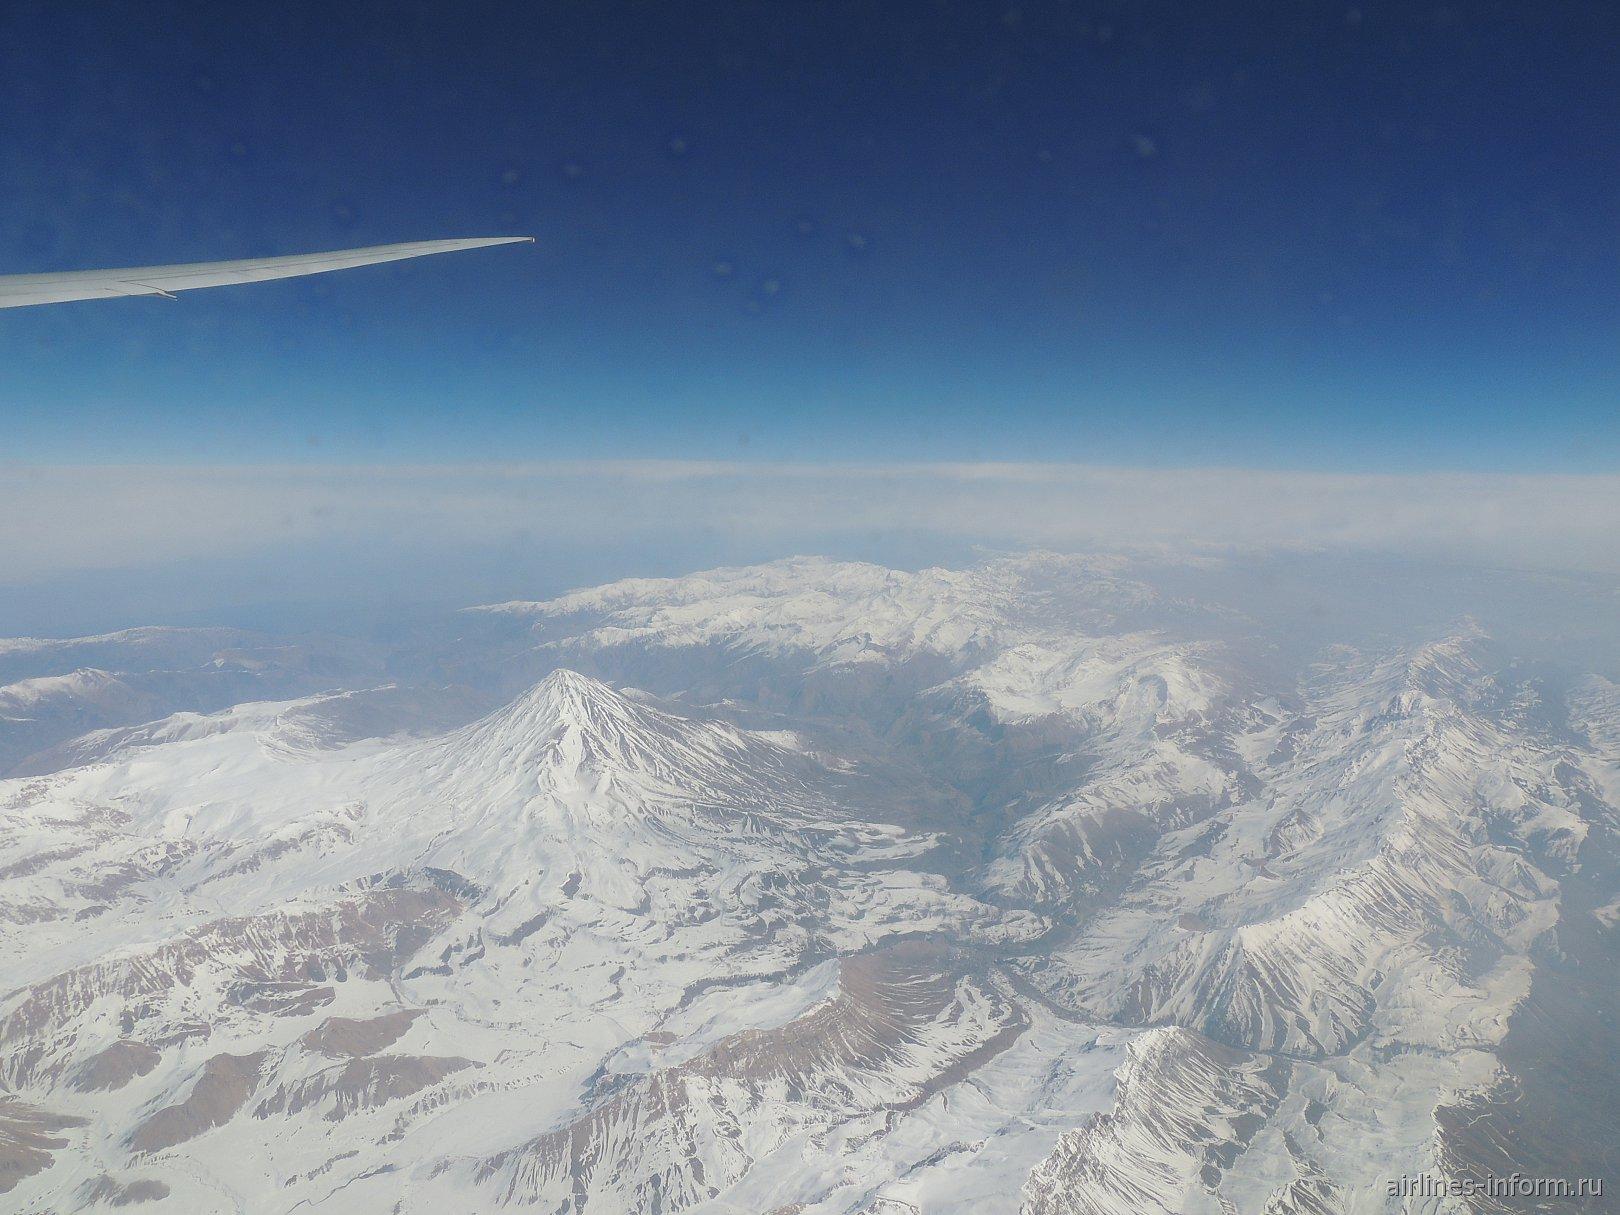 Полет над горами Ирана